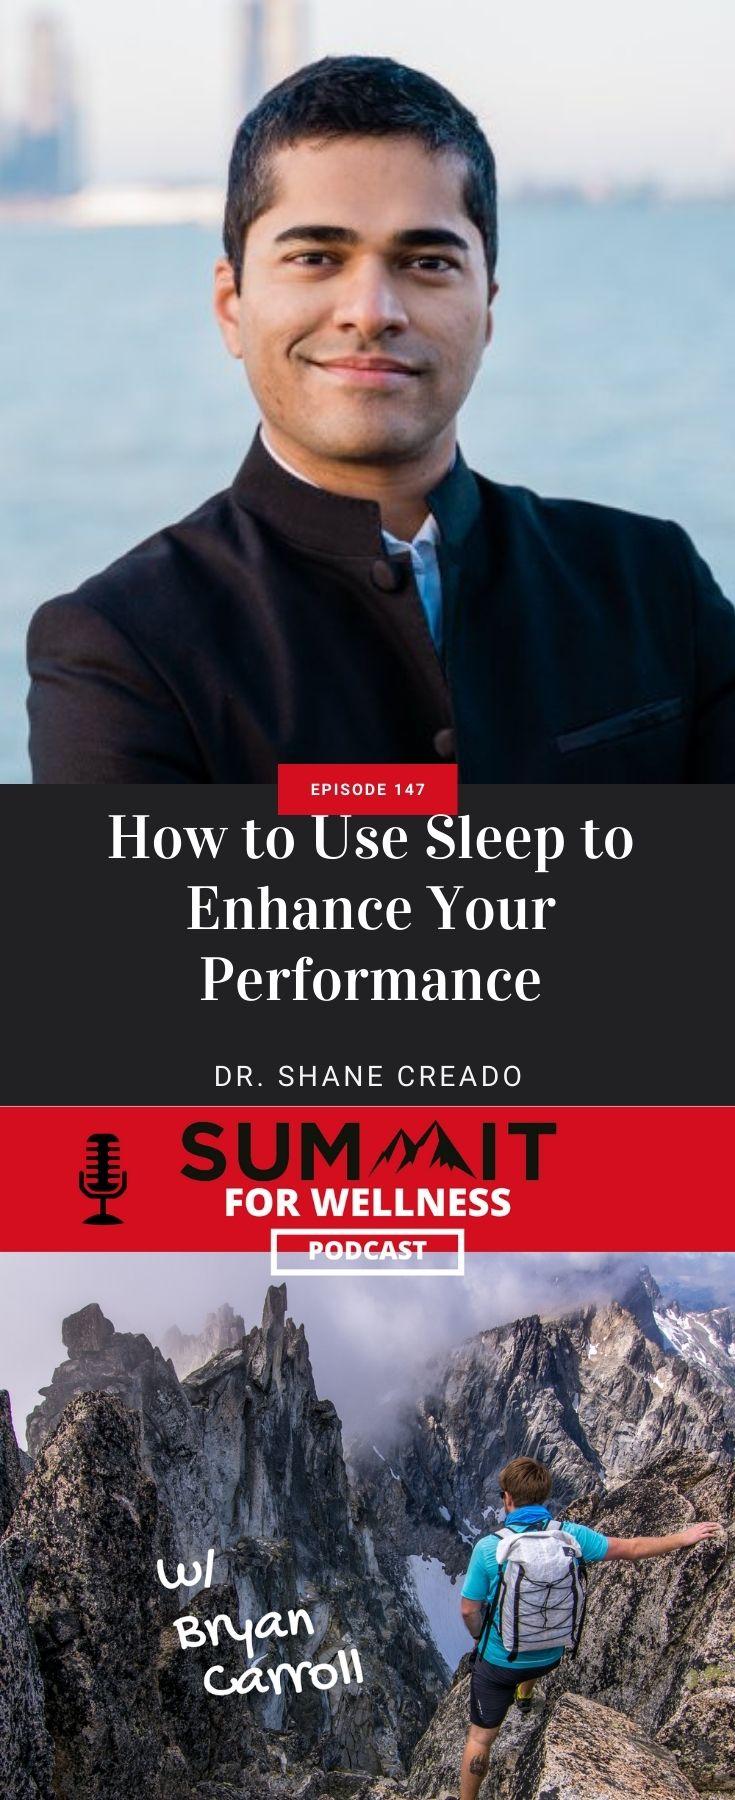 Dr. Shane Creado shares ways to improve your quality of sleep